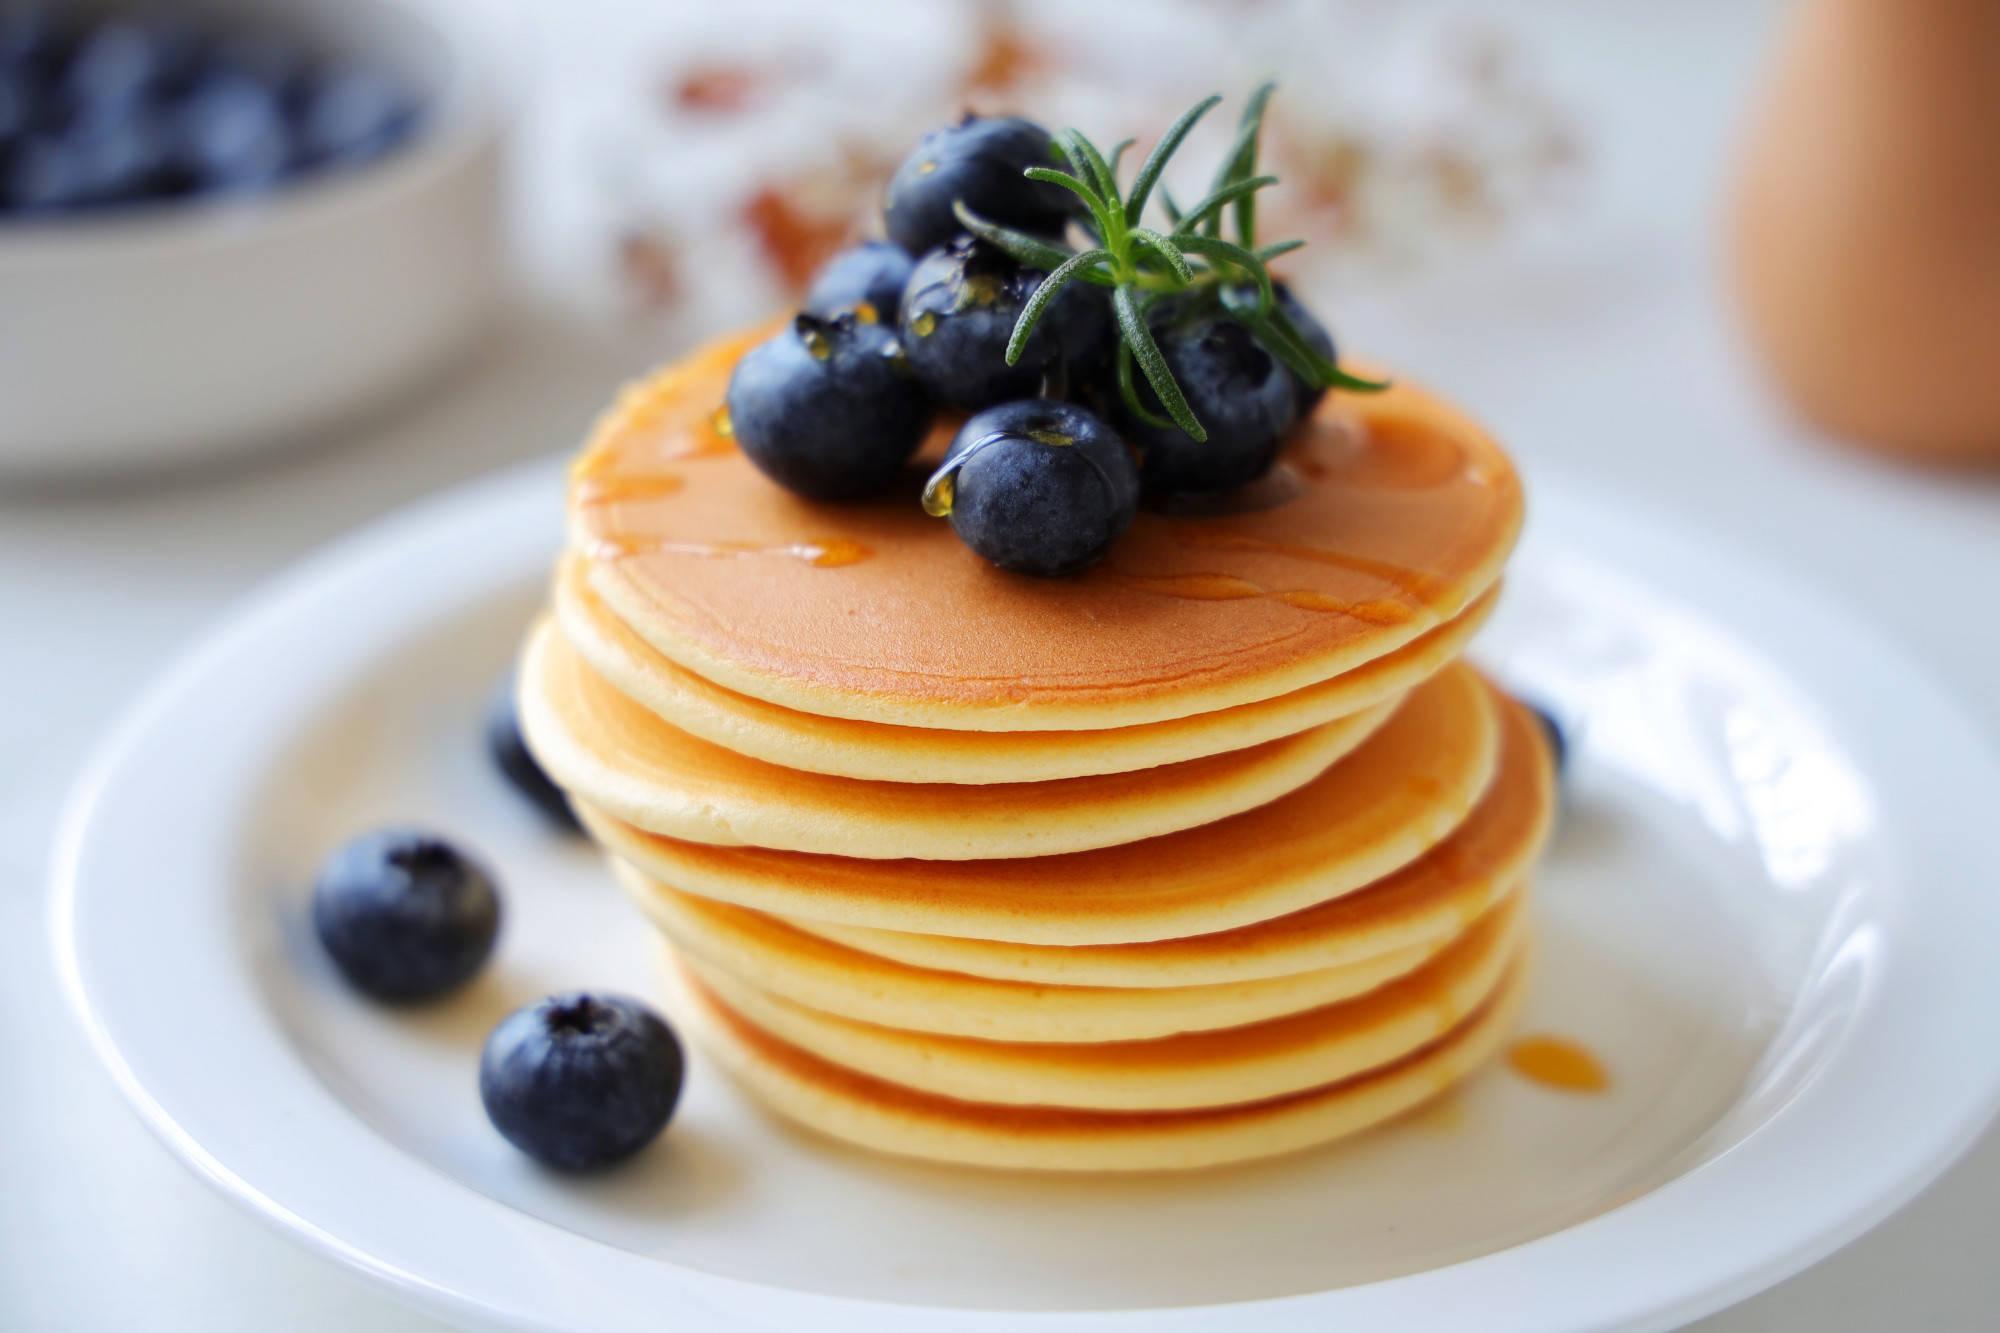 早餐只要有它,孩子就不挑食,不加油不加泡打粉,松软好吃!